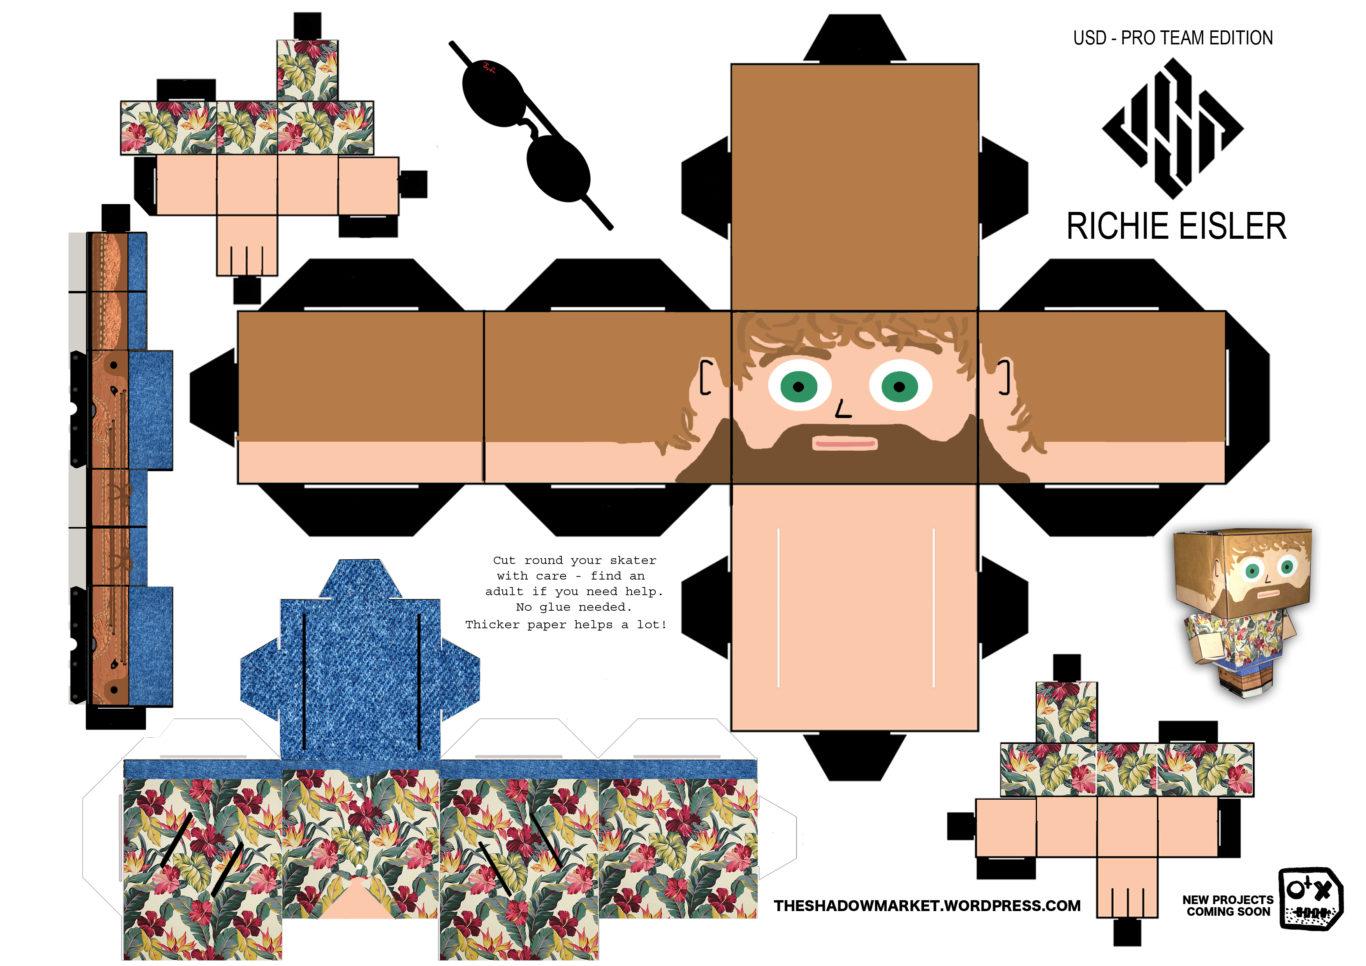 richiefinal